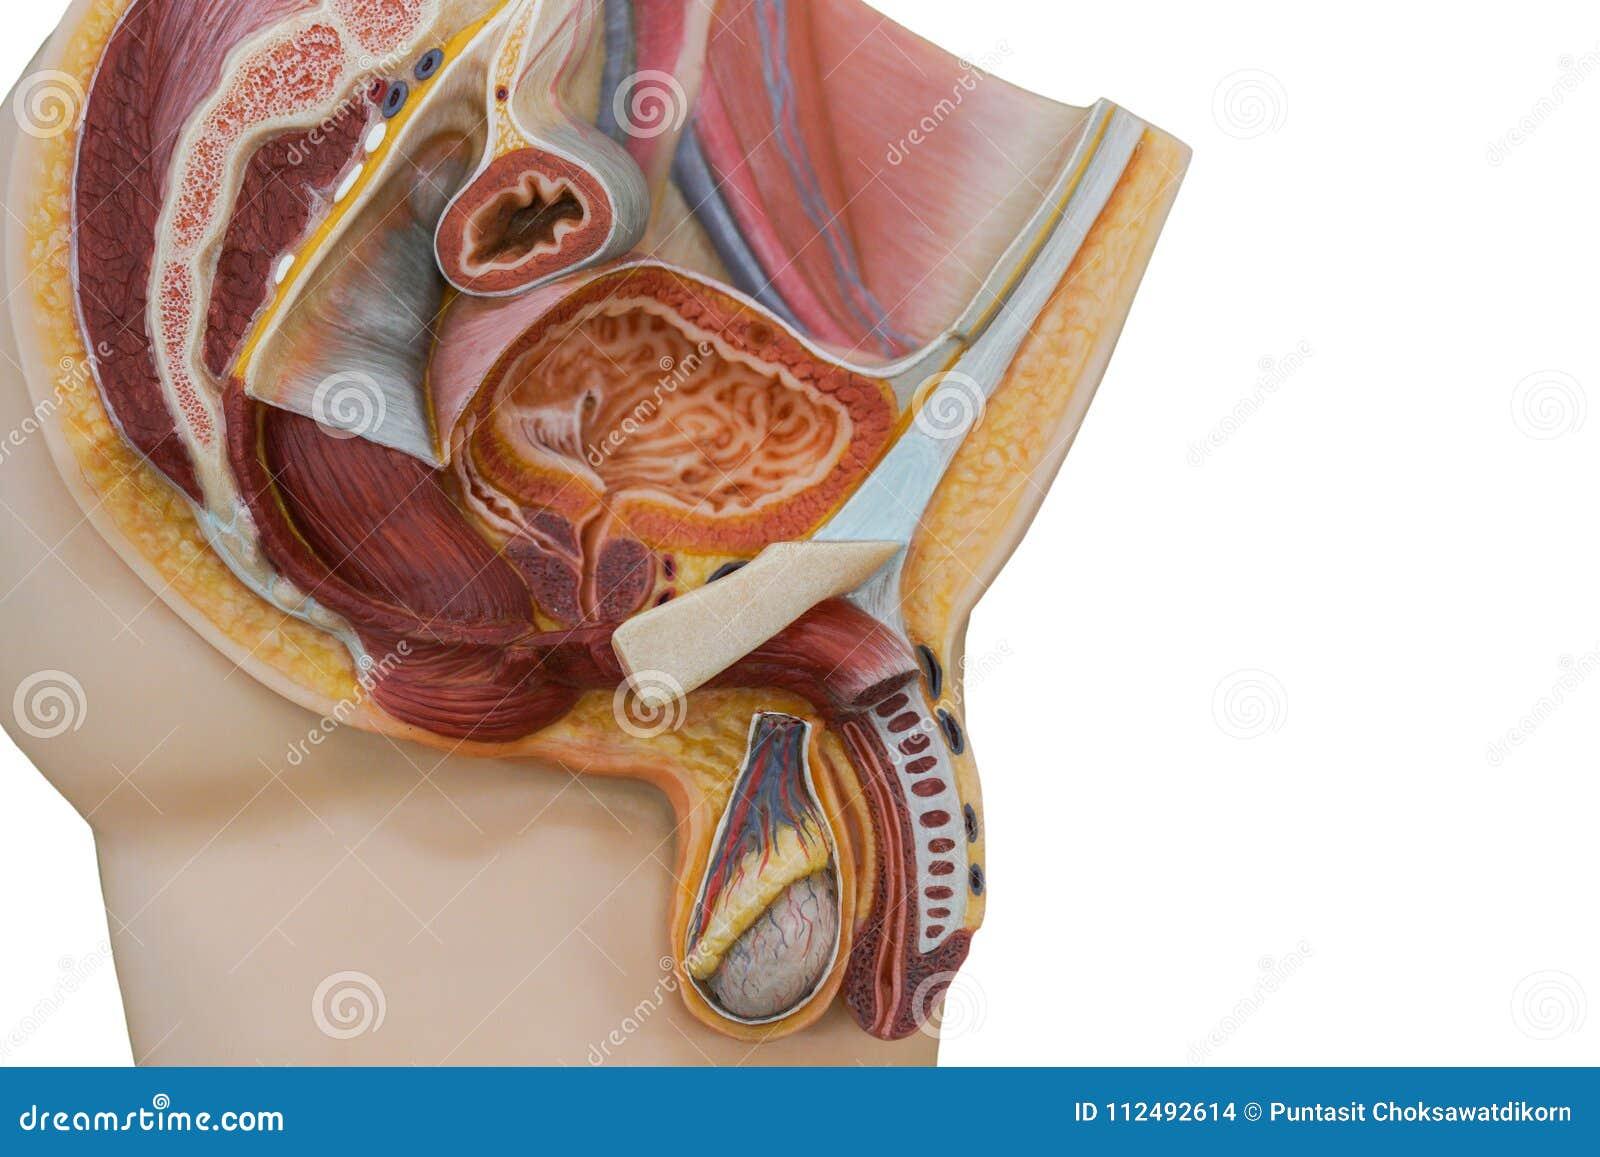 penisul masculin la microscop